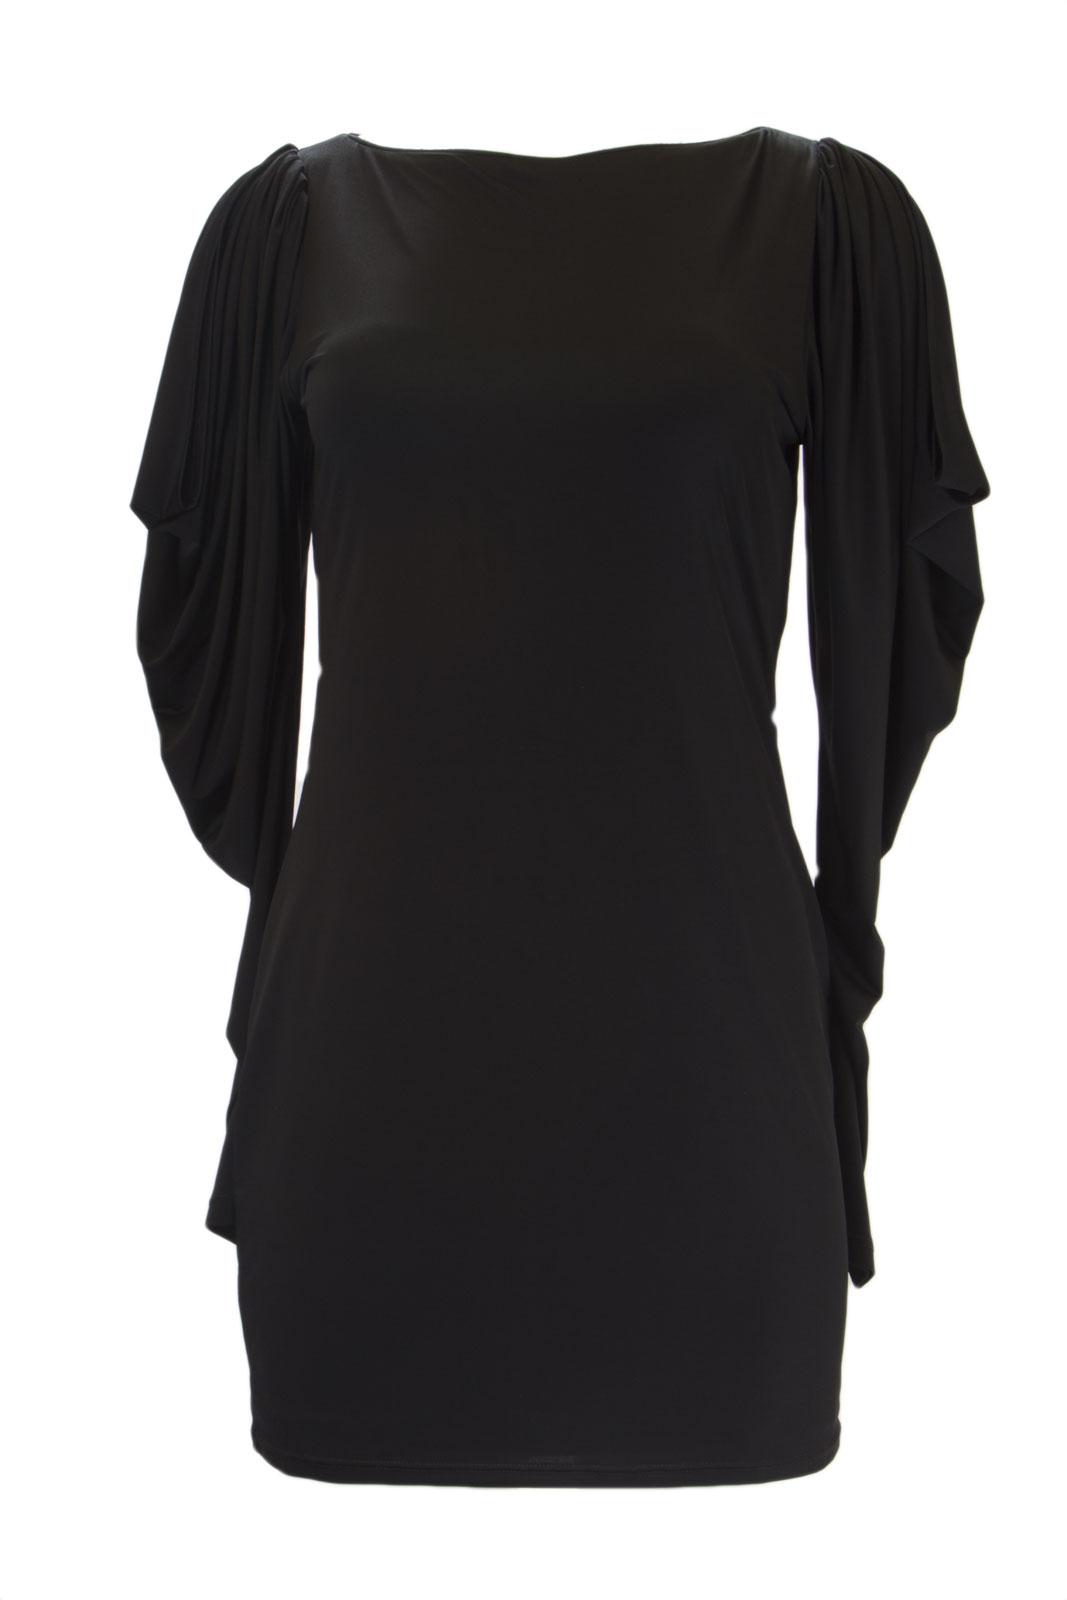 f12036f9a91 ANALILI Women s Black Long Cut Out Sleeve Sheath Dress 1070R31 Sz M  265 NWT